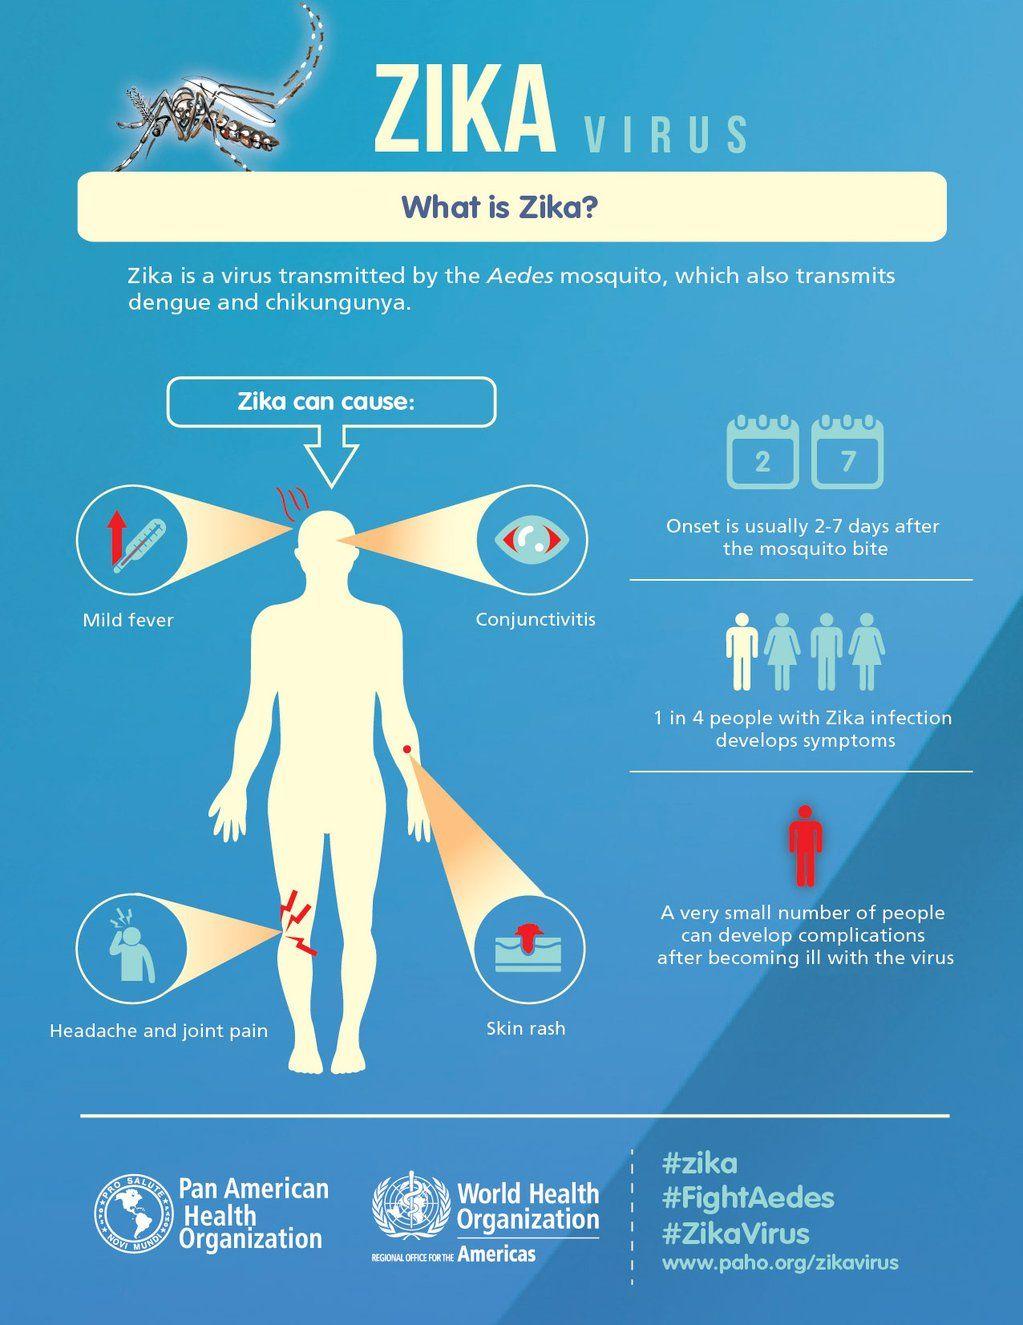 What is Zika? Infogrpahic